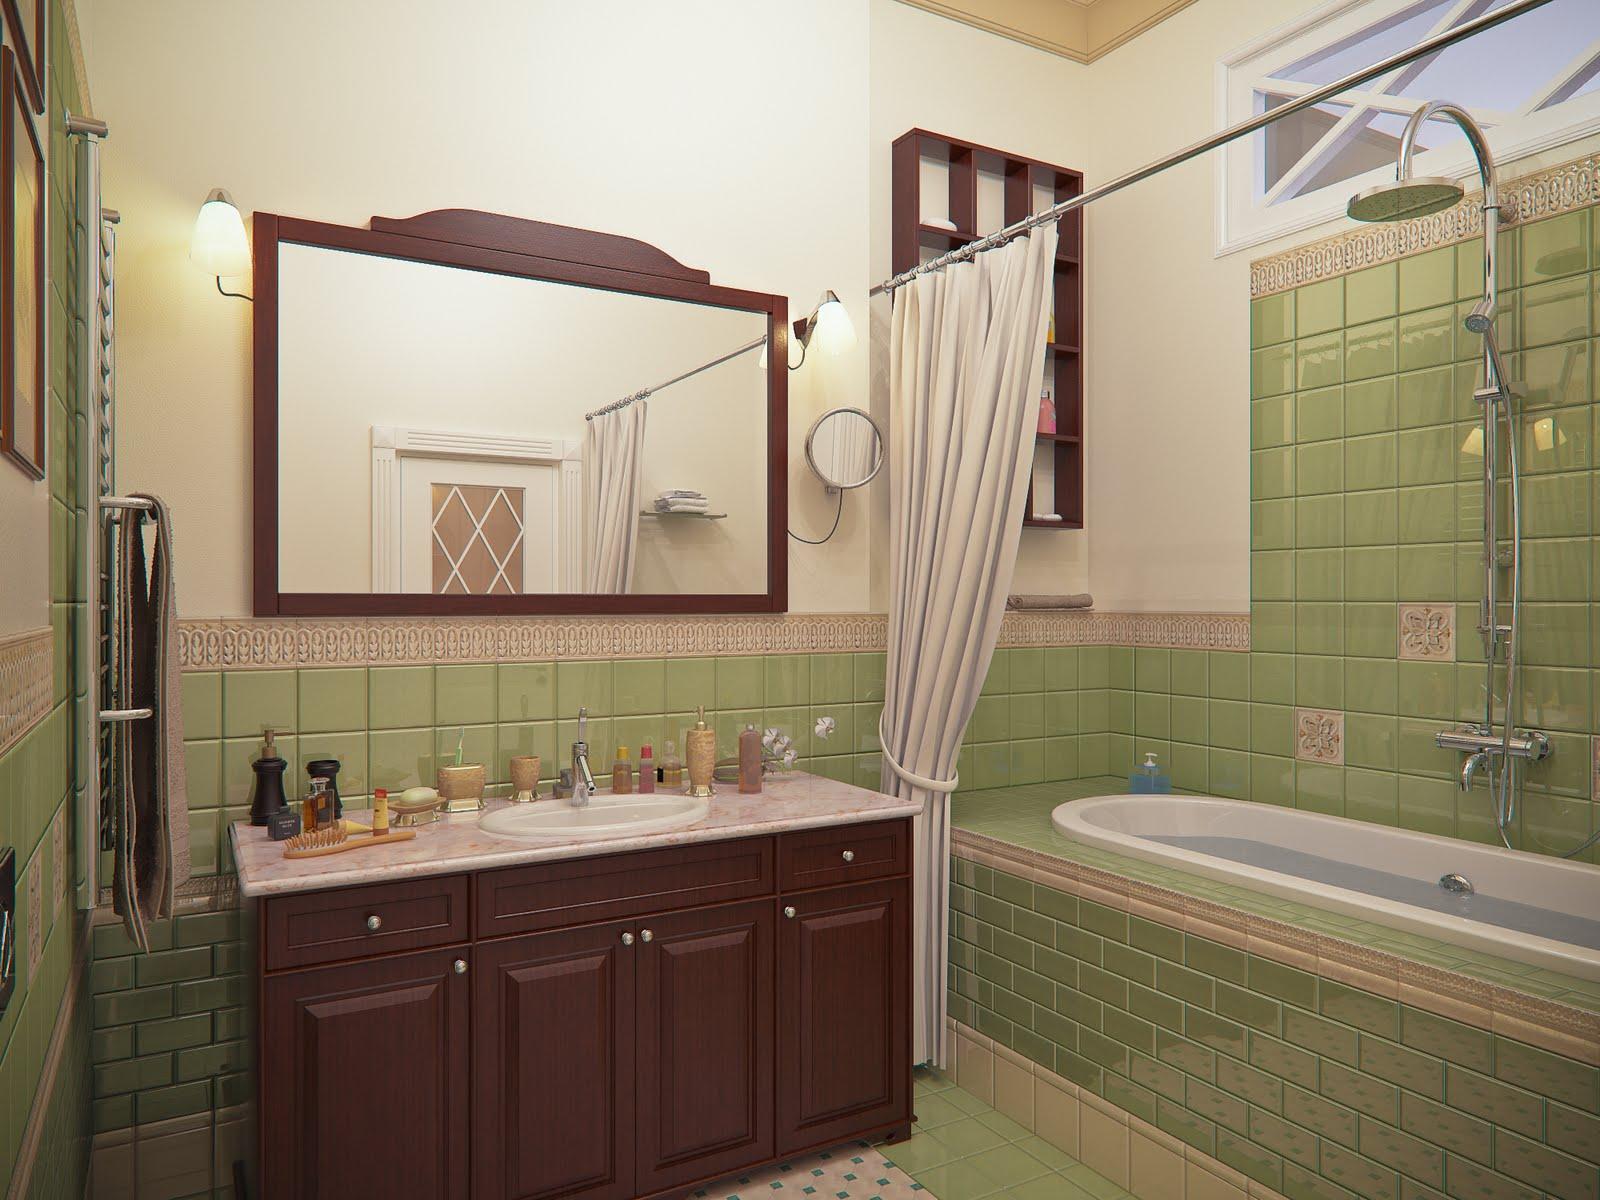 Ремонтируем ванную качественно